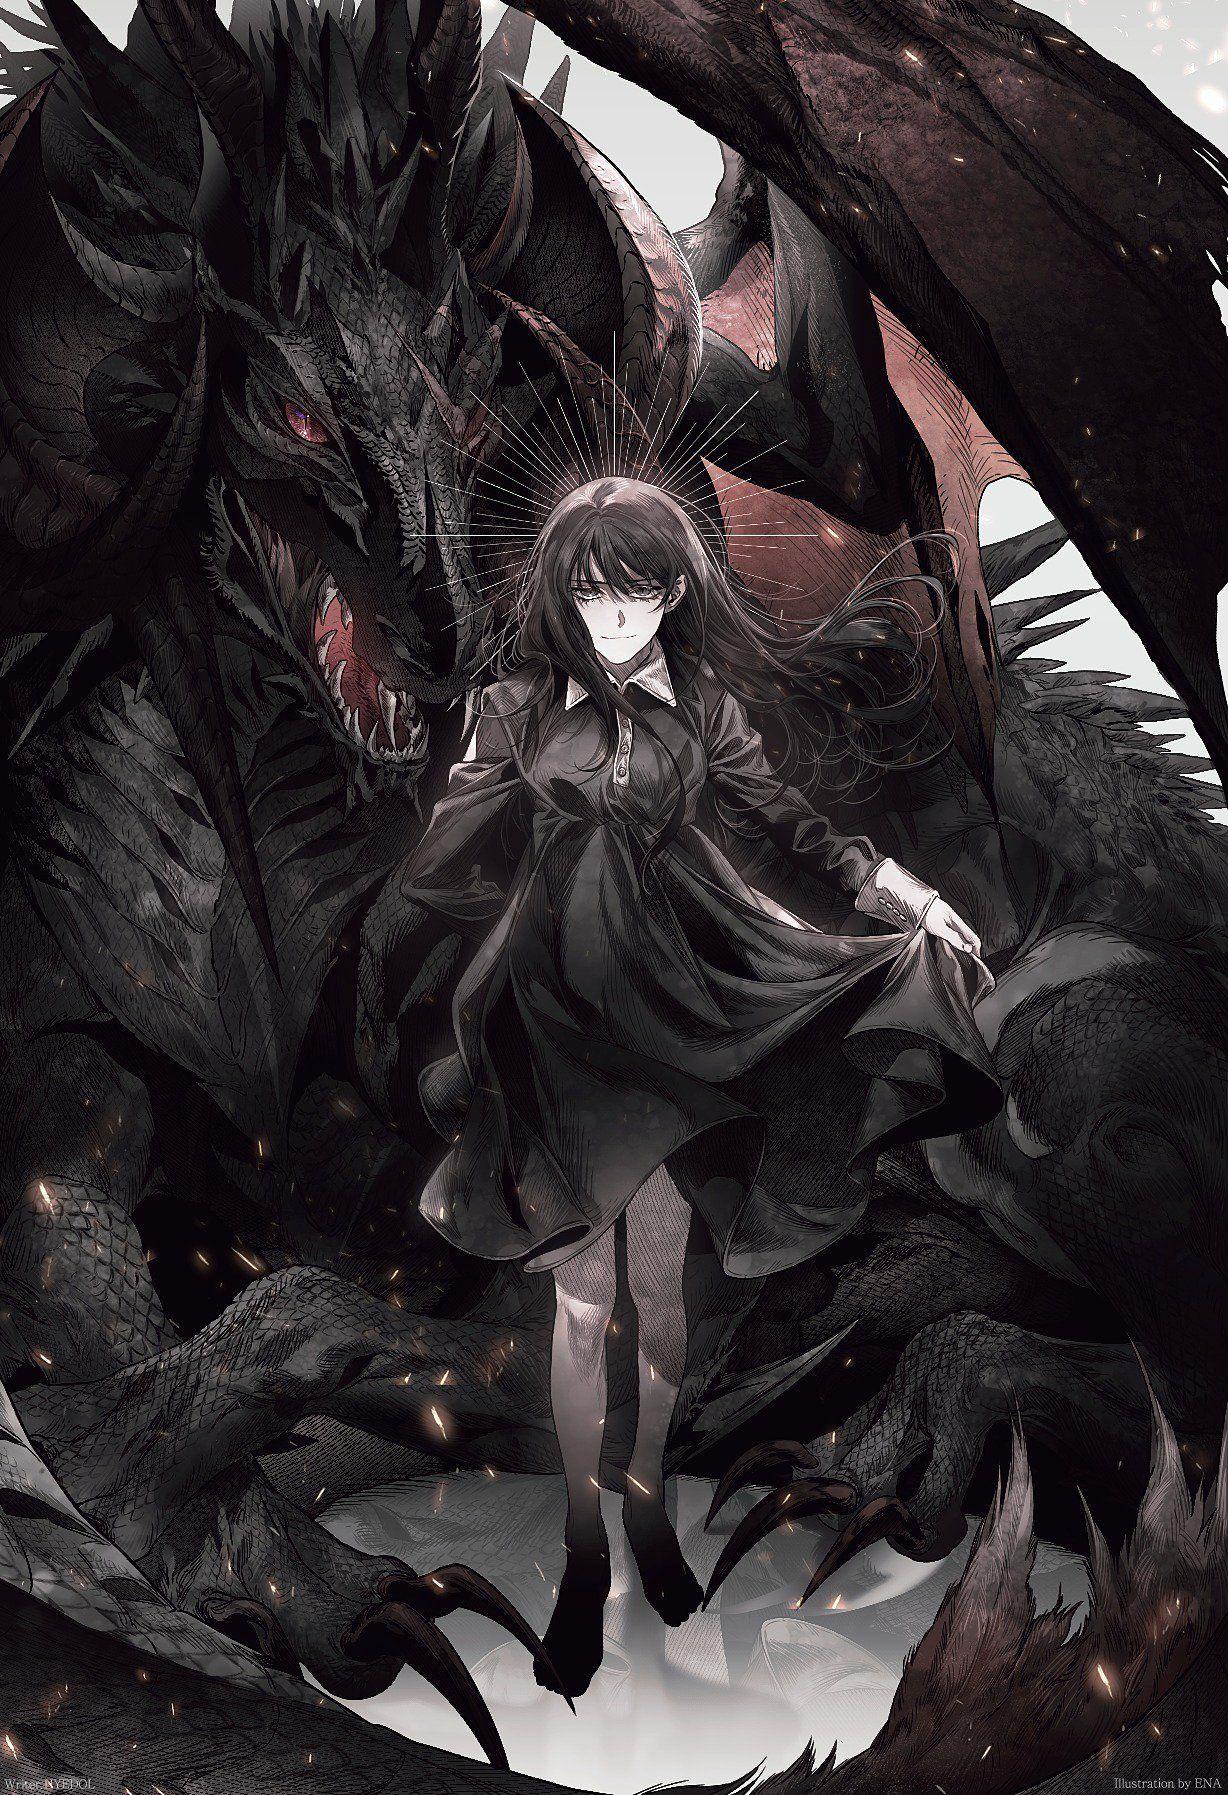 에나 on in 2020 Gothic anime, Anime art, Dark anime